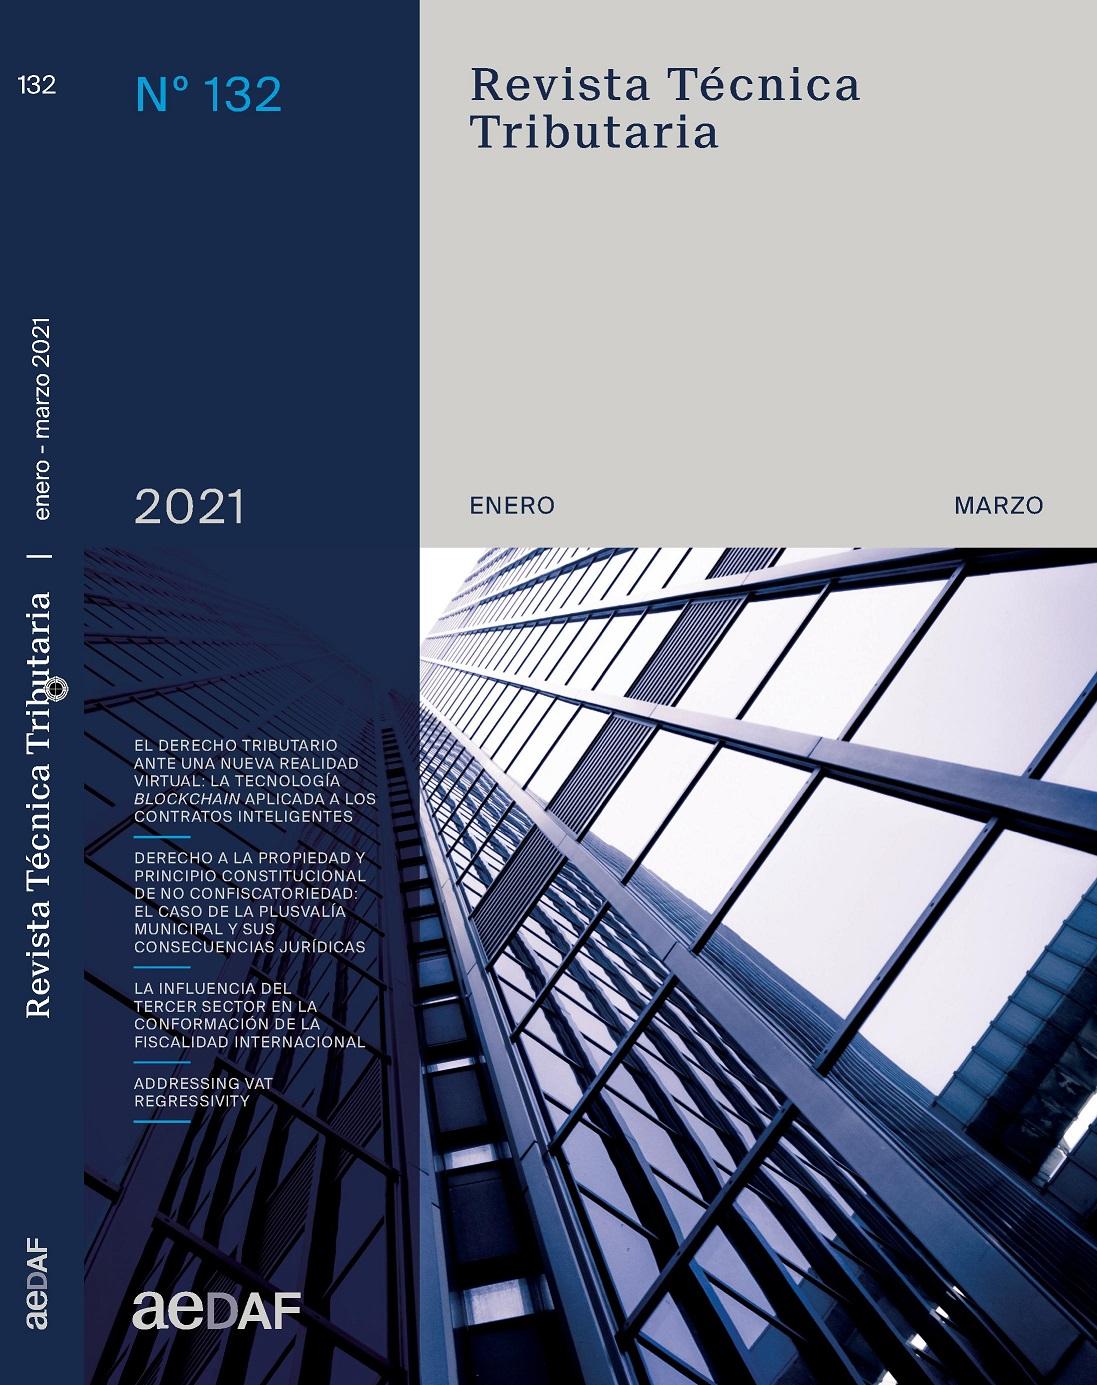 Ver Vol. 1 Núm. 132 (2021): Revista Técnica Tributaria - Nº 132